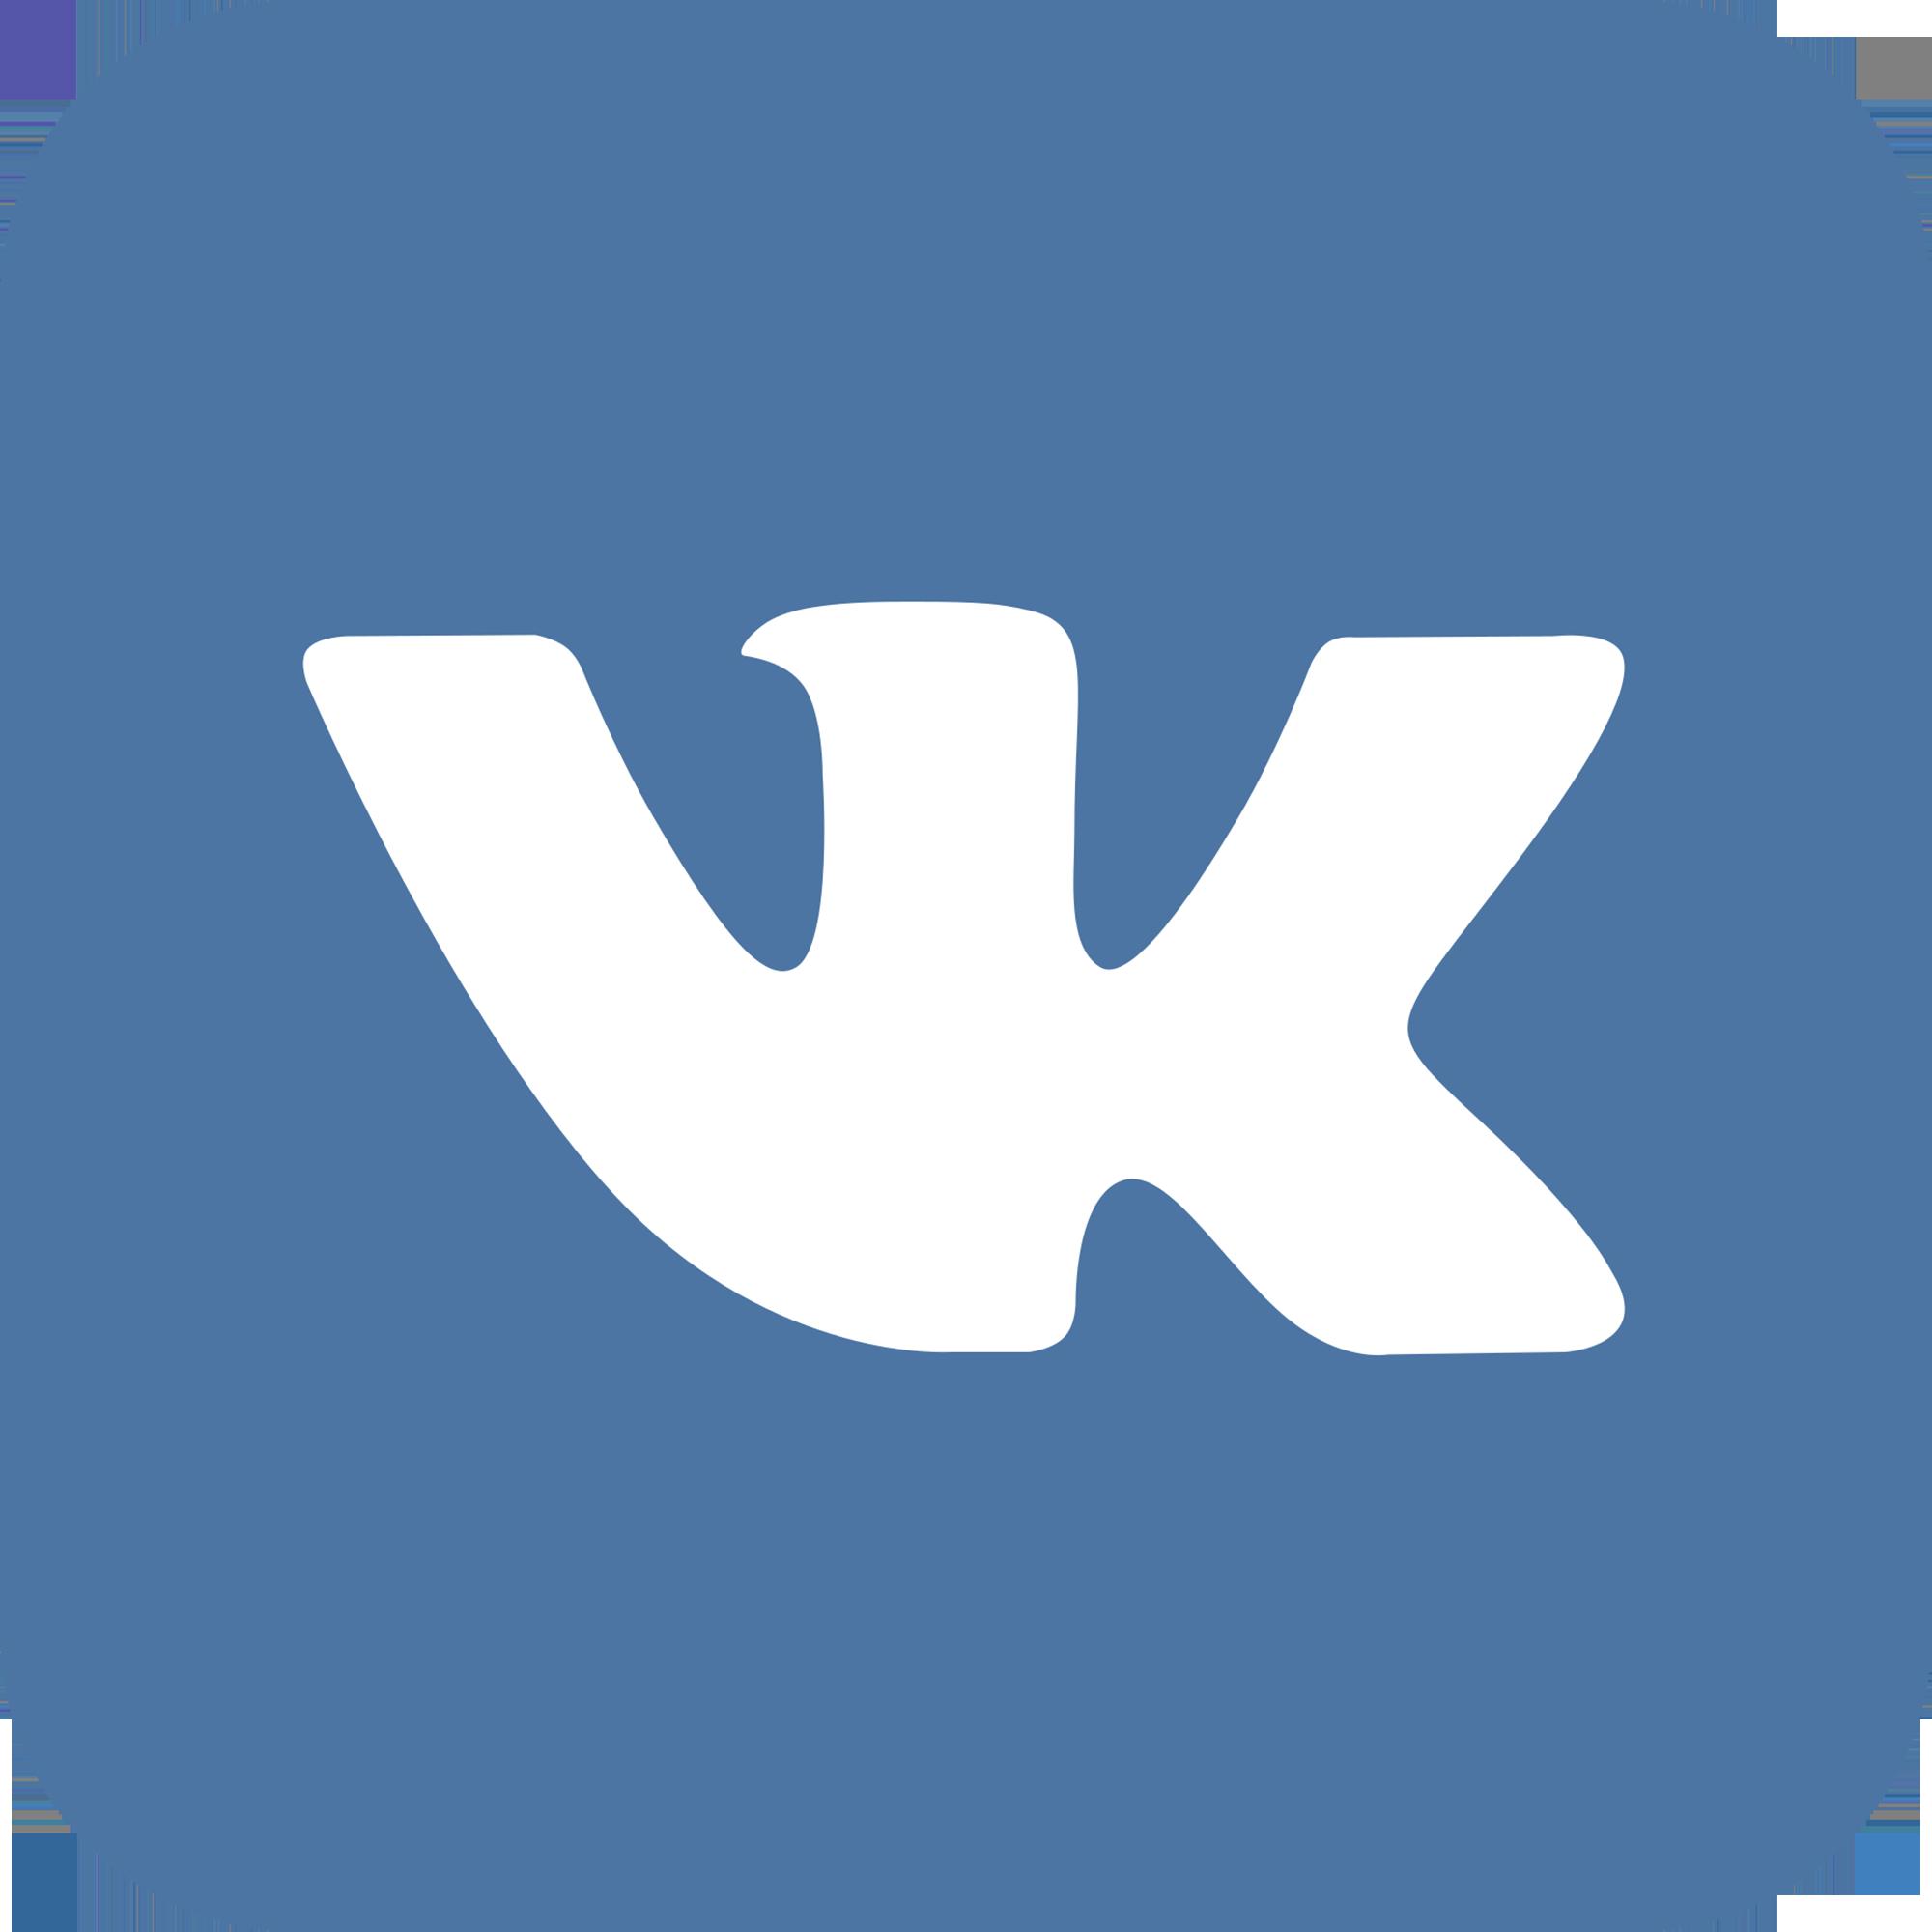 ico-vk2